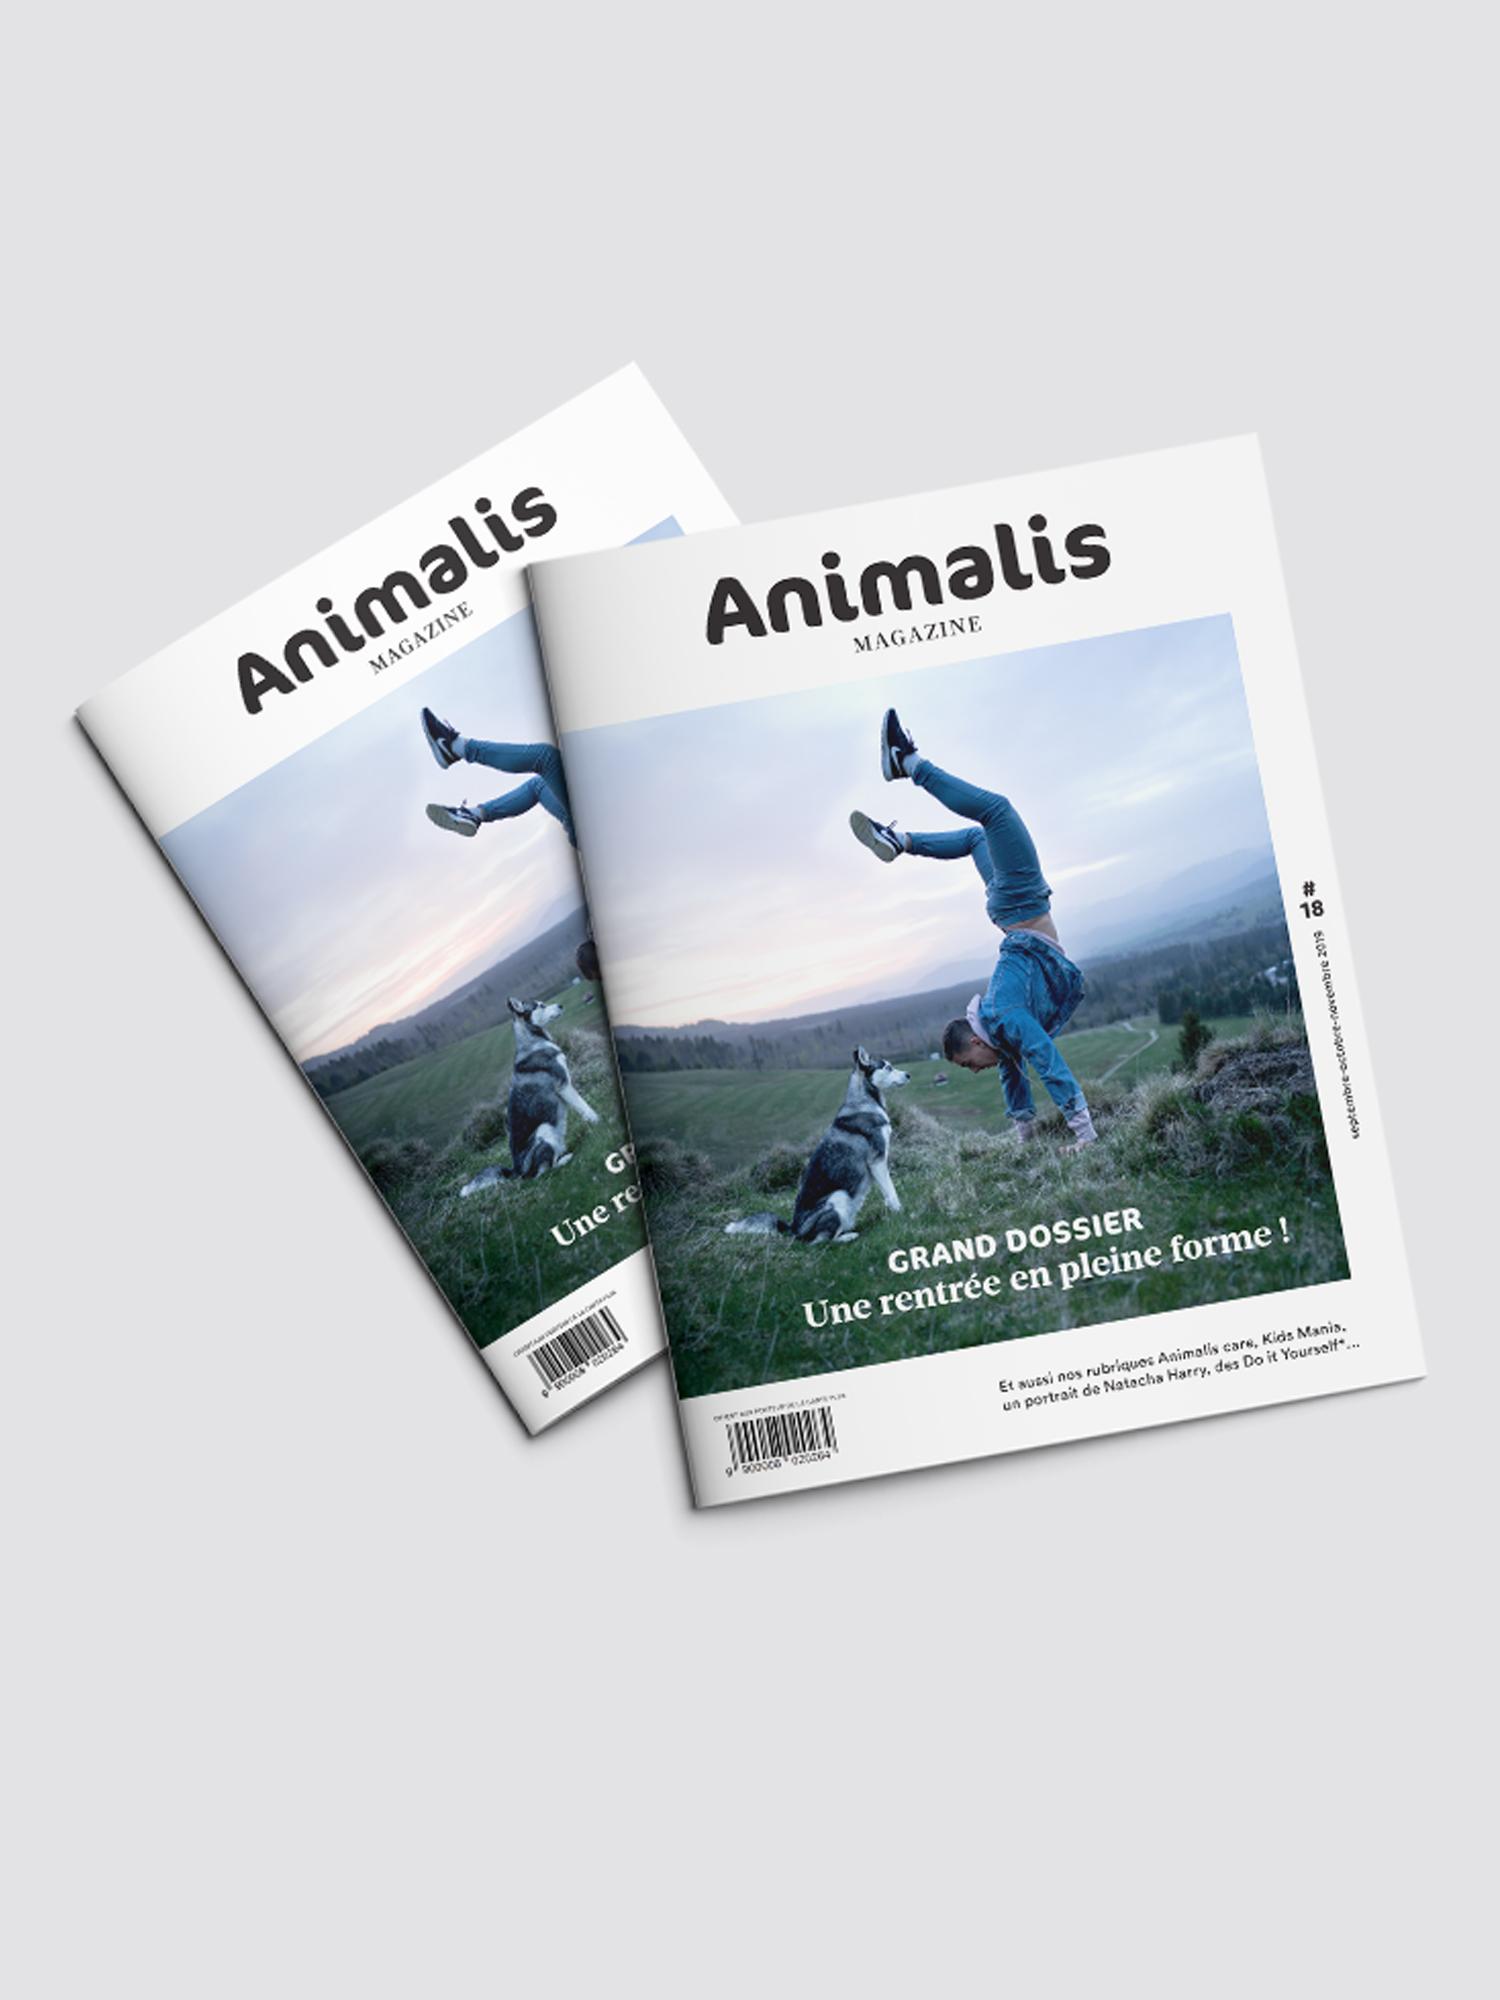 Le Monde,hors-série,aurelie bert,presse,magazine,design graphique